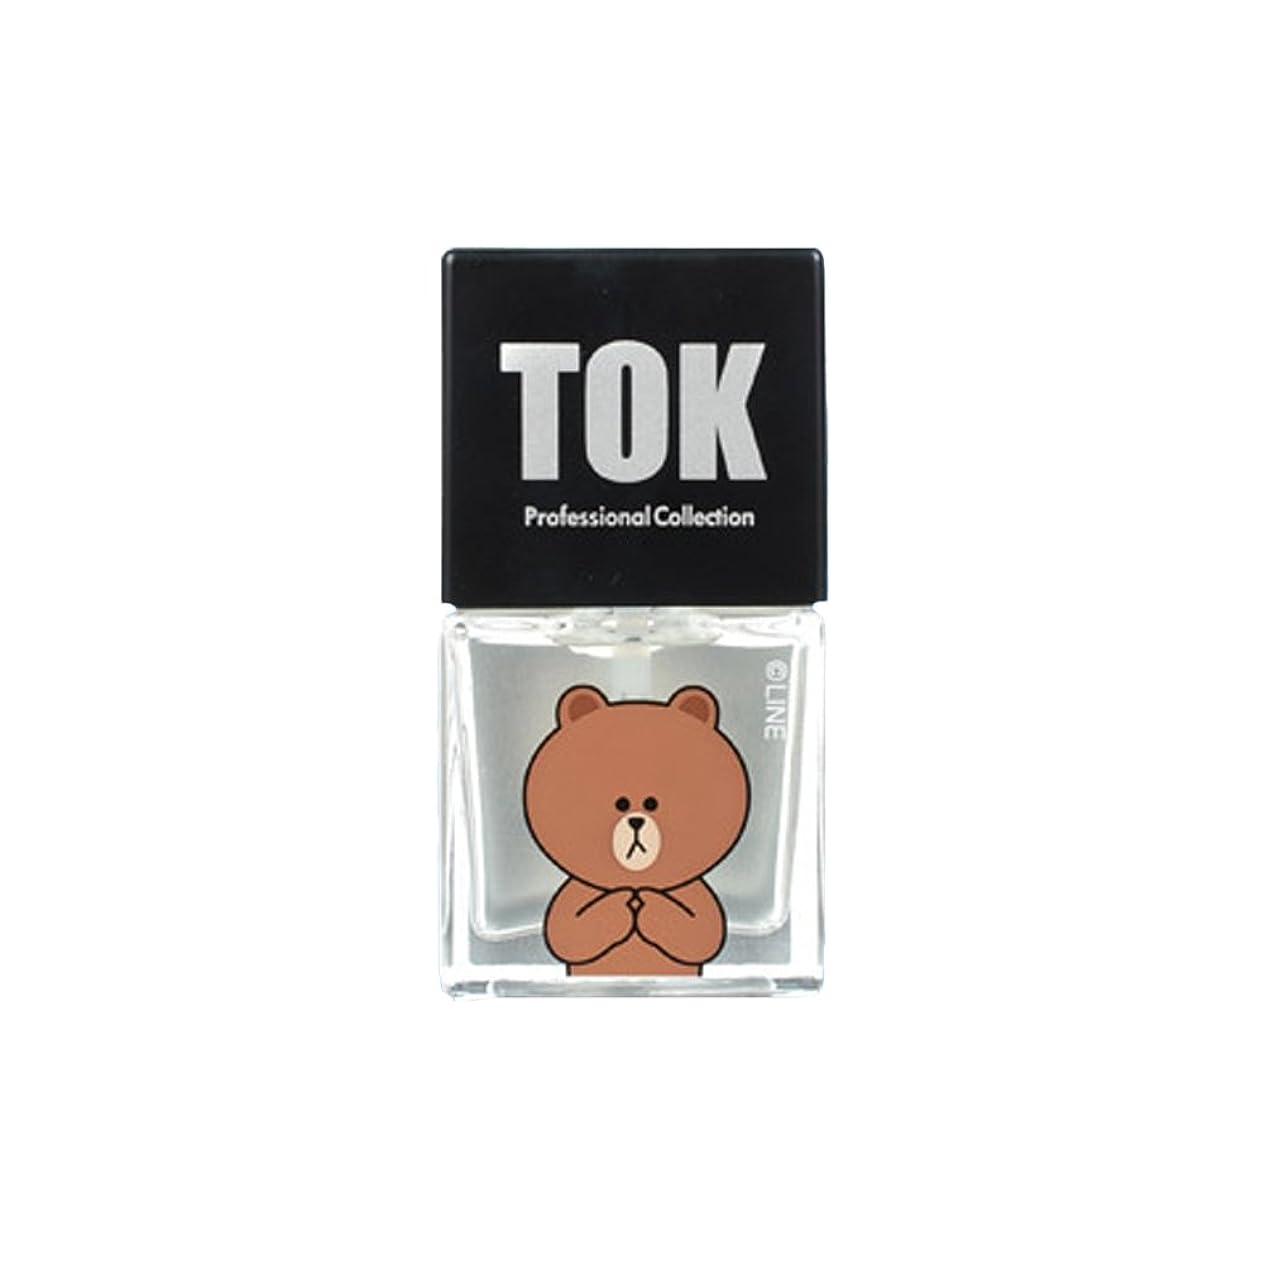 オーナメント爆風ものTOK Line Friends ネイル基本ケア ベースコート トップコート キューティクルオイル キューティクルリムーバー 栄養剤 /TOK Line Friends Nail Hybrid Basic Care[海外直送品] (Top Coat(トップコート)) [並行輸入品]